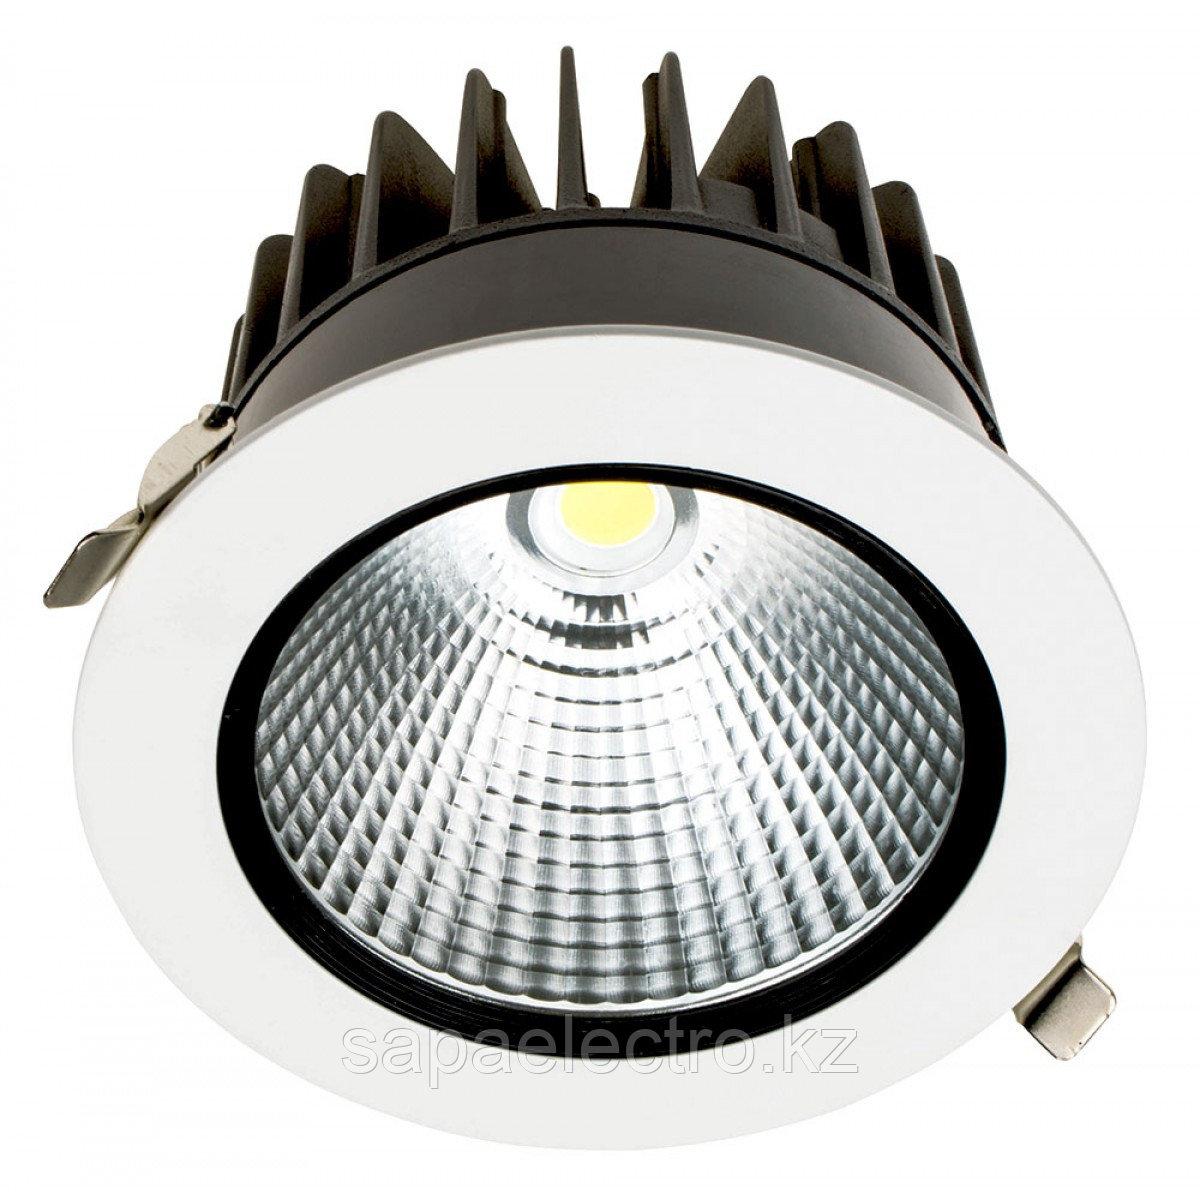 Свет-к DOWNLIGHT LED P1 30W WH 5700K (TEKSAN) 18шт